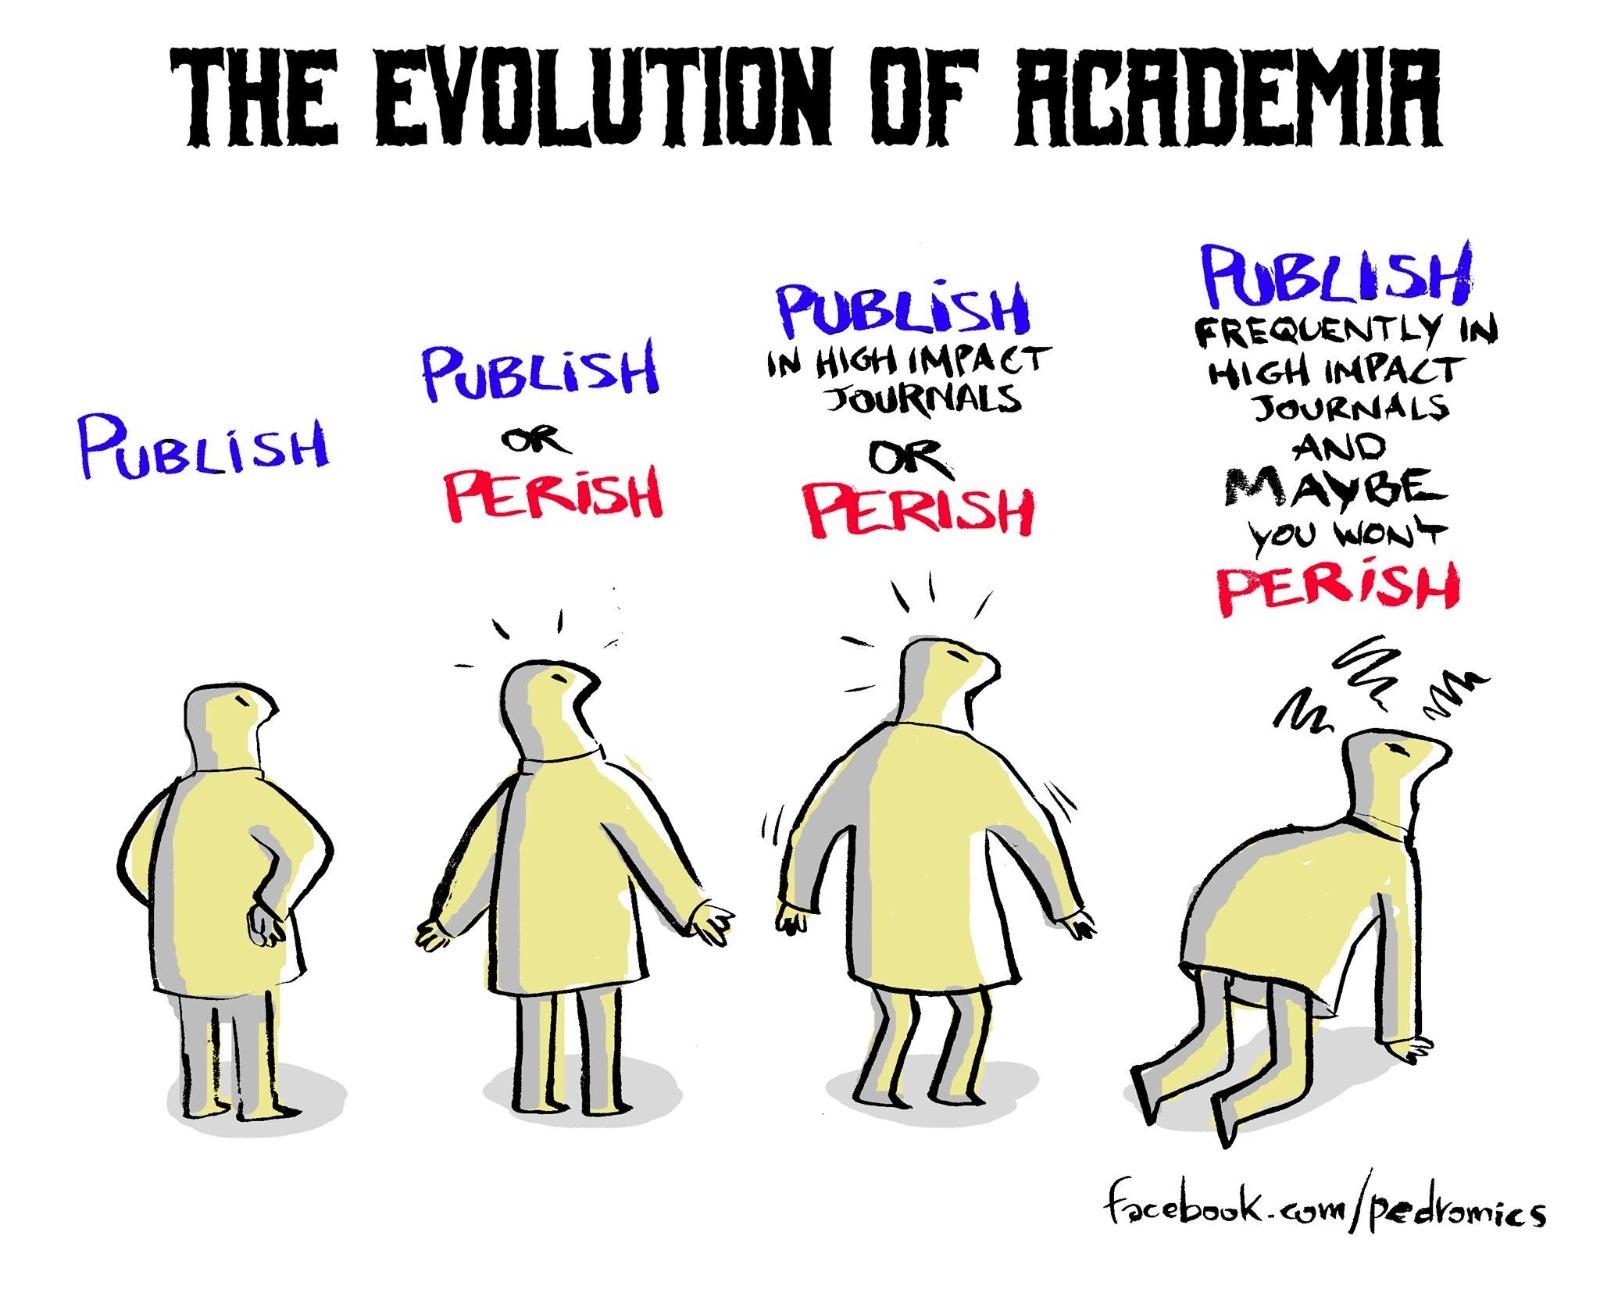 publish-or-perish